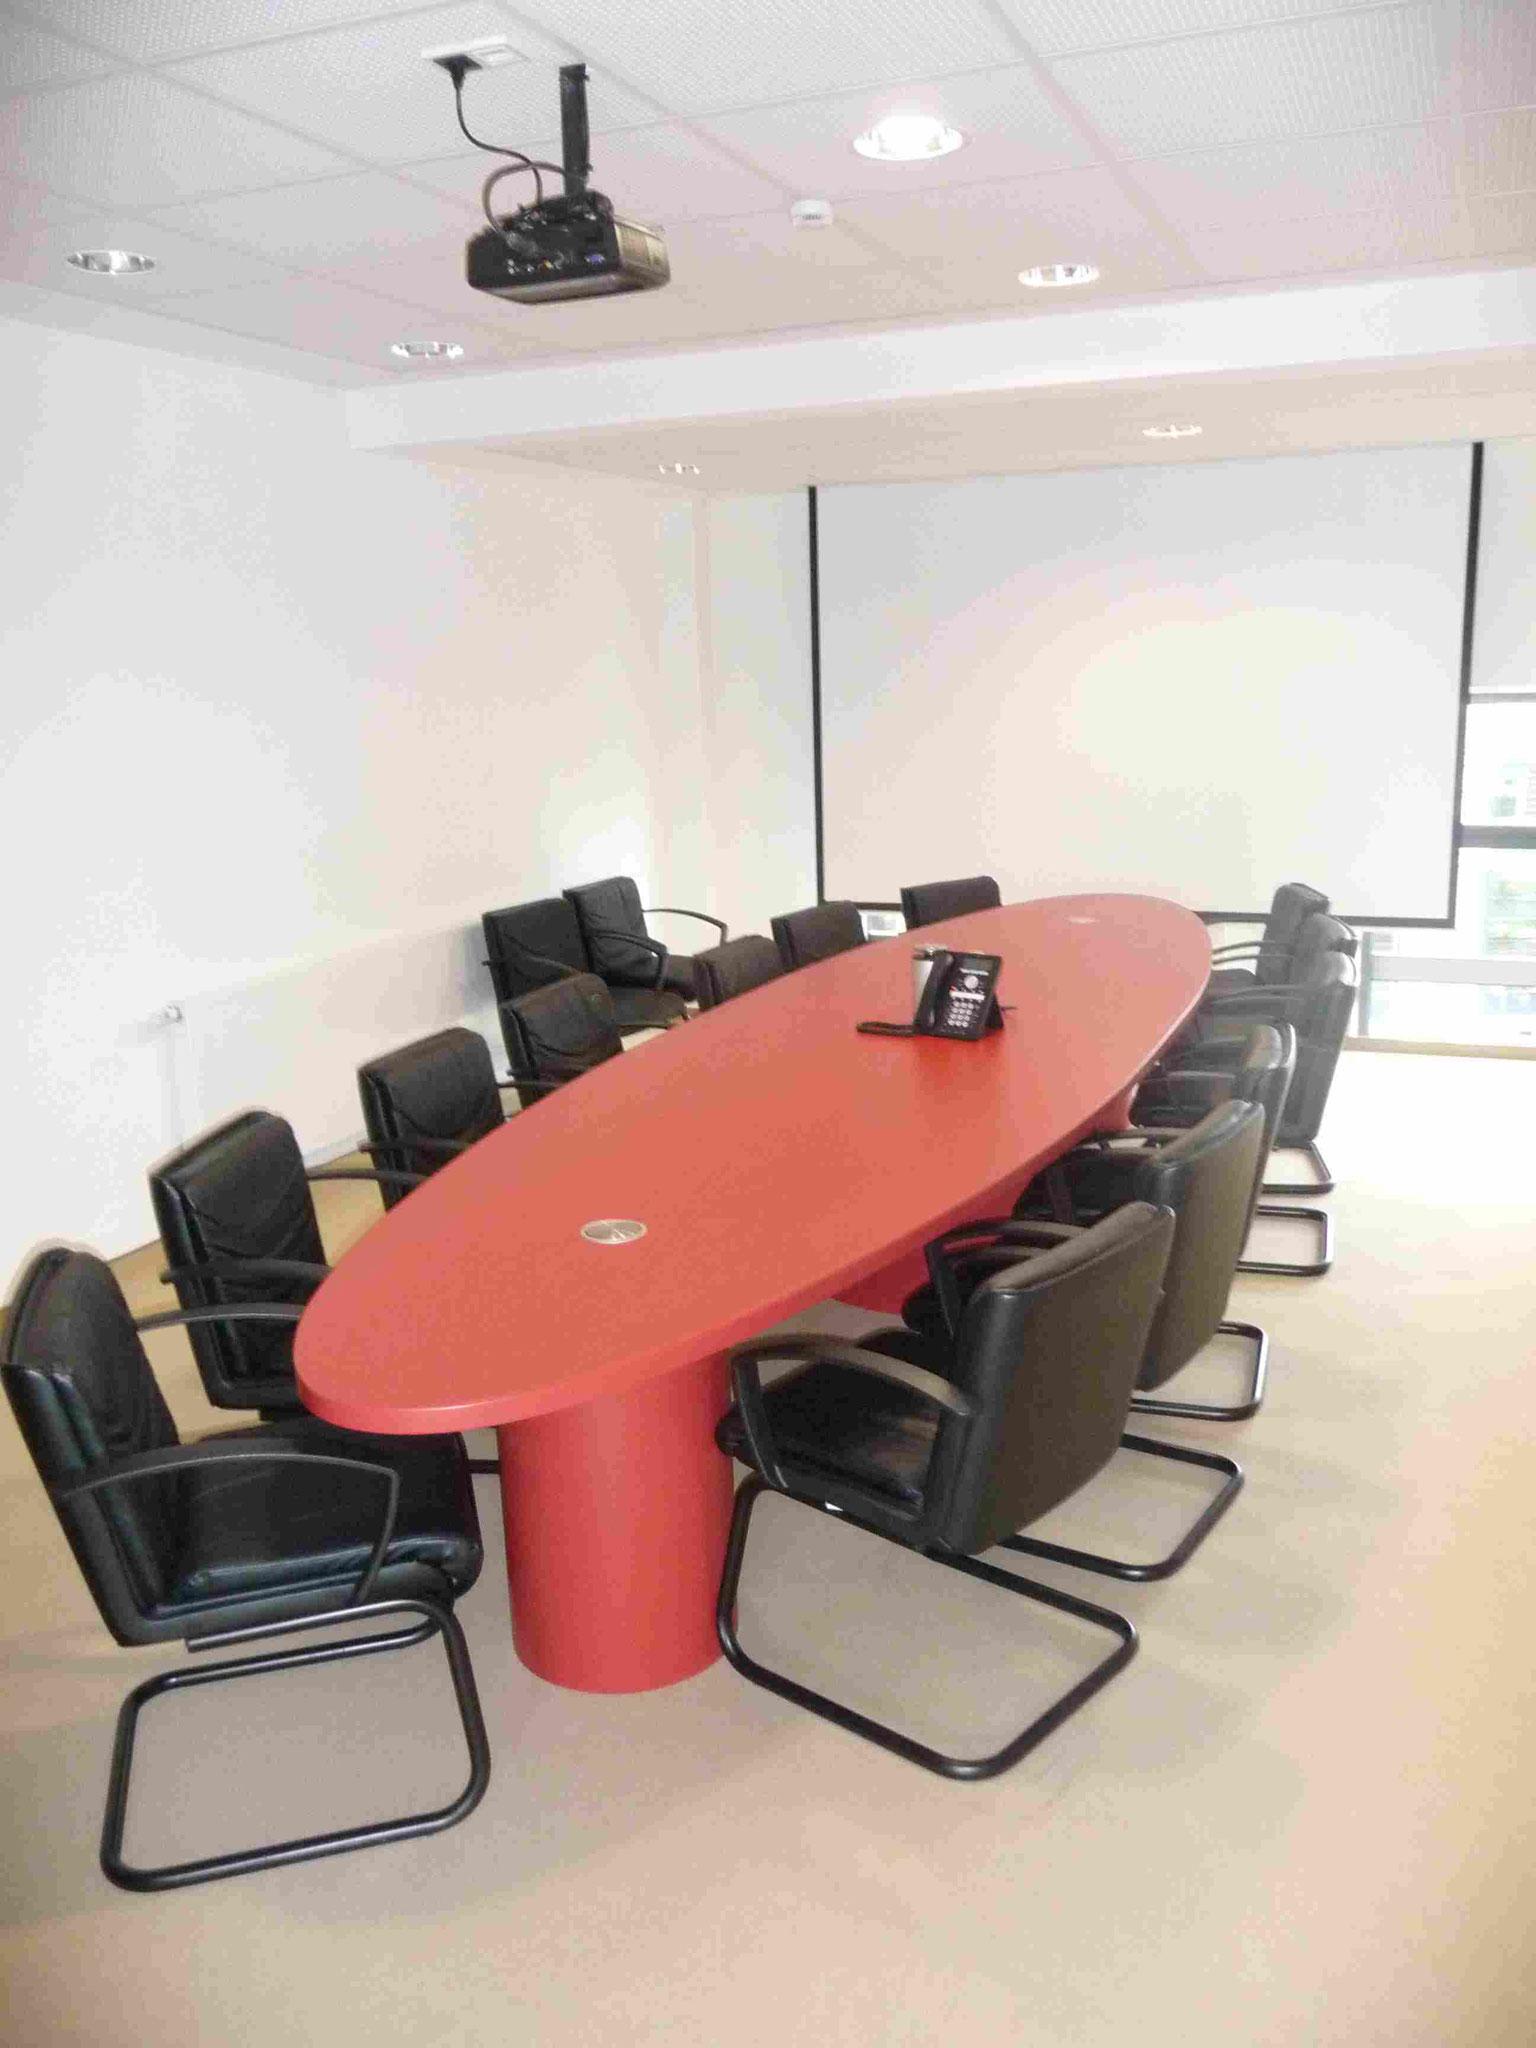 Konferenztisch in Delmenhorst